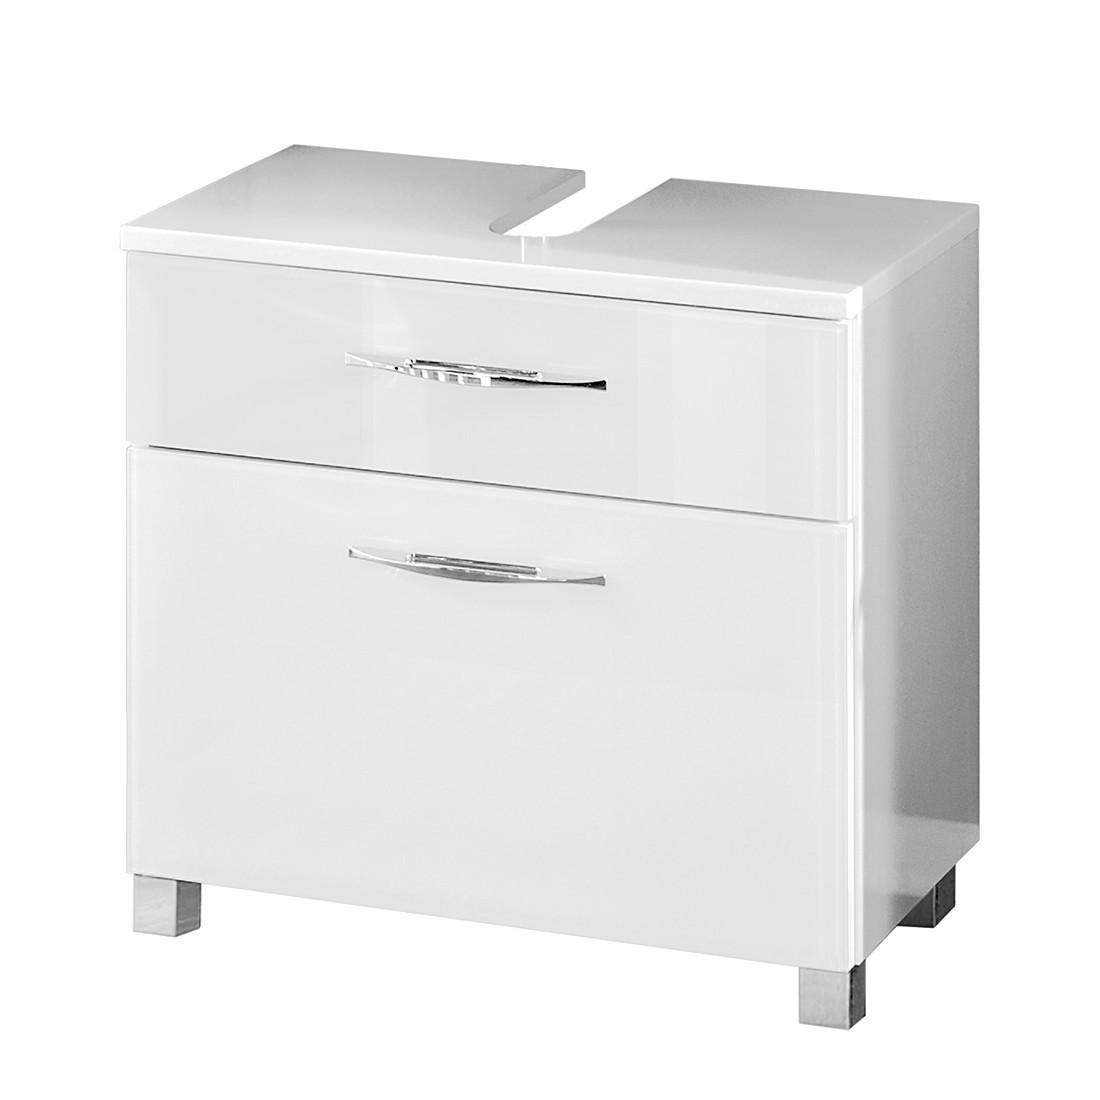 Waschbeckenunterschrank Pixy – Weiß/Glas Weiß, Giessbach kaufen